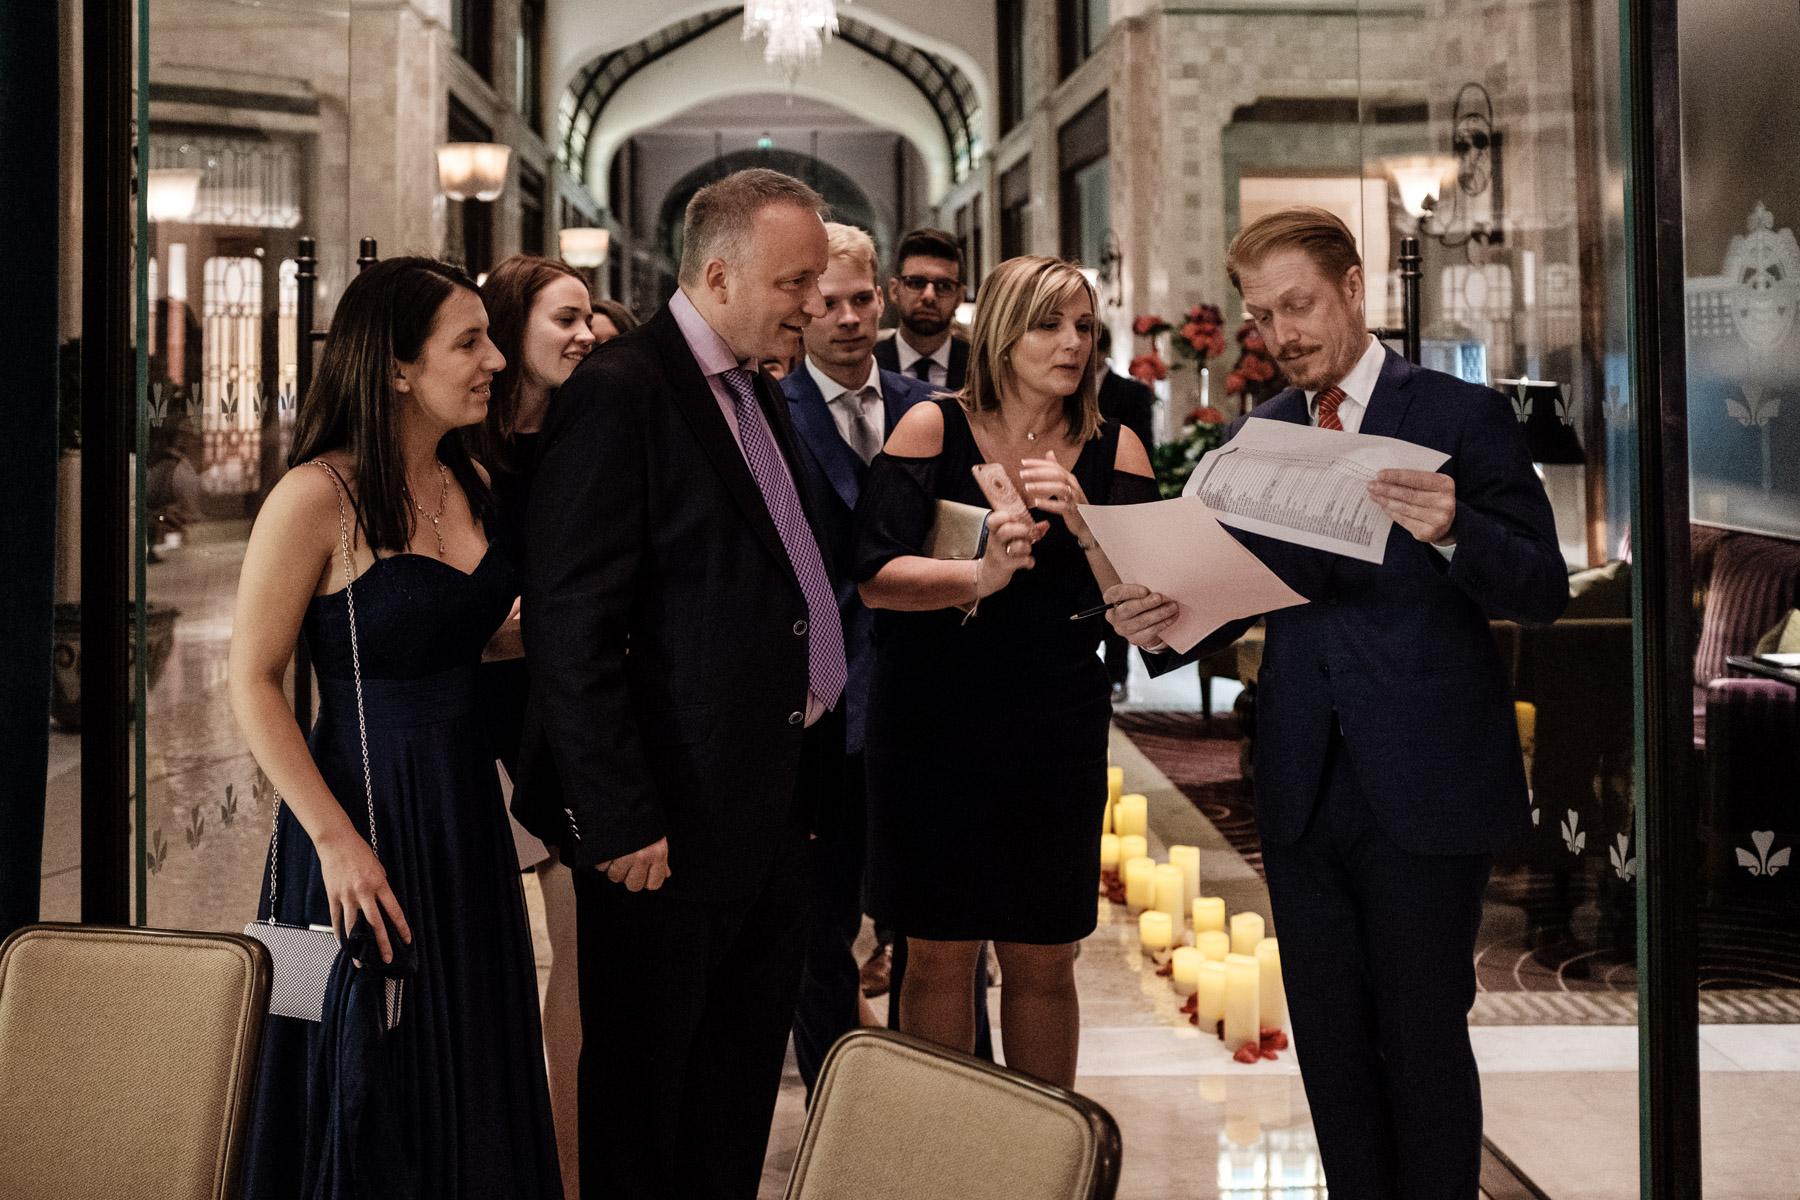 MartinLiebl_Kein_Hochzeitsfotograf_No_Wedding_Photographer_Budapest_Gresham_Palace_055.jpg